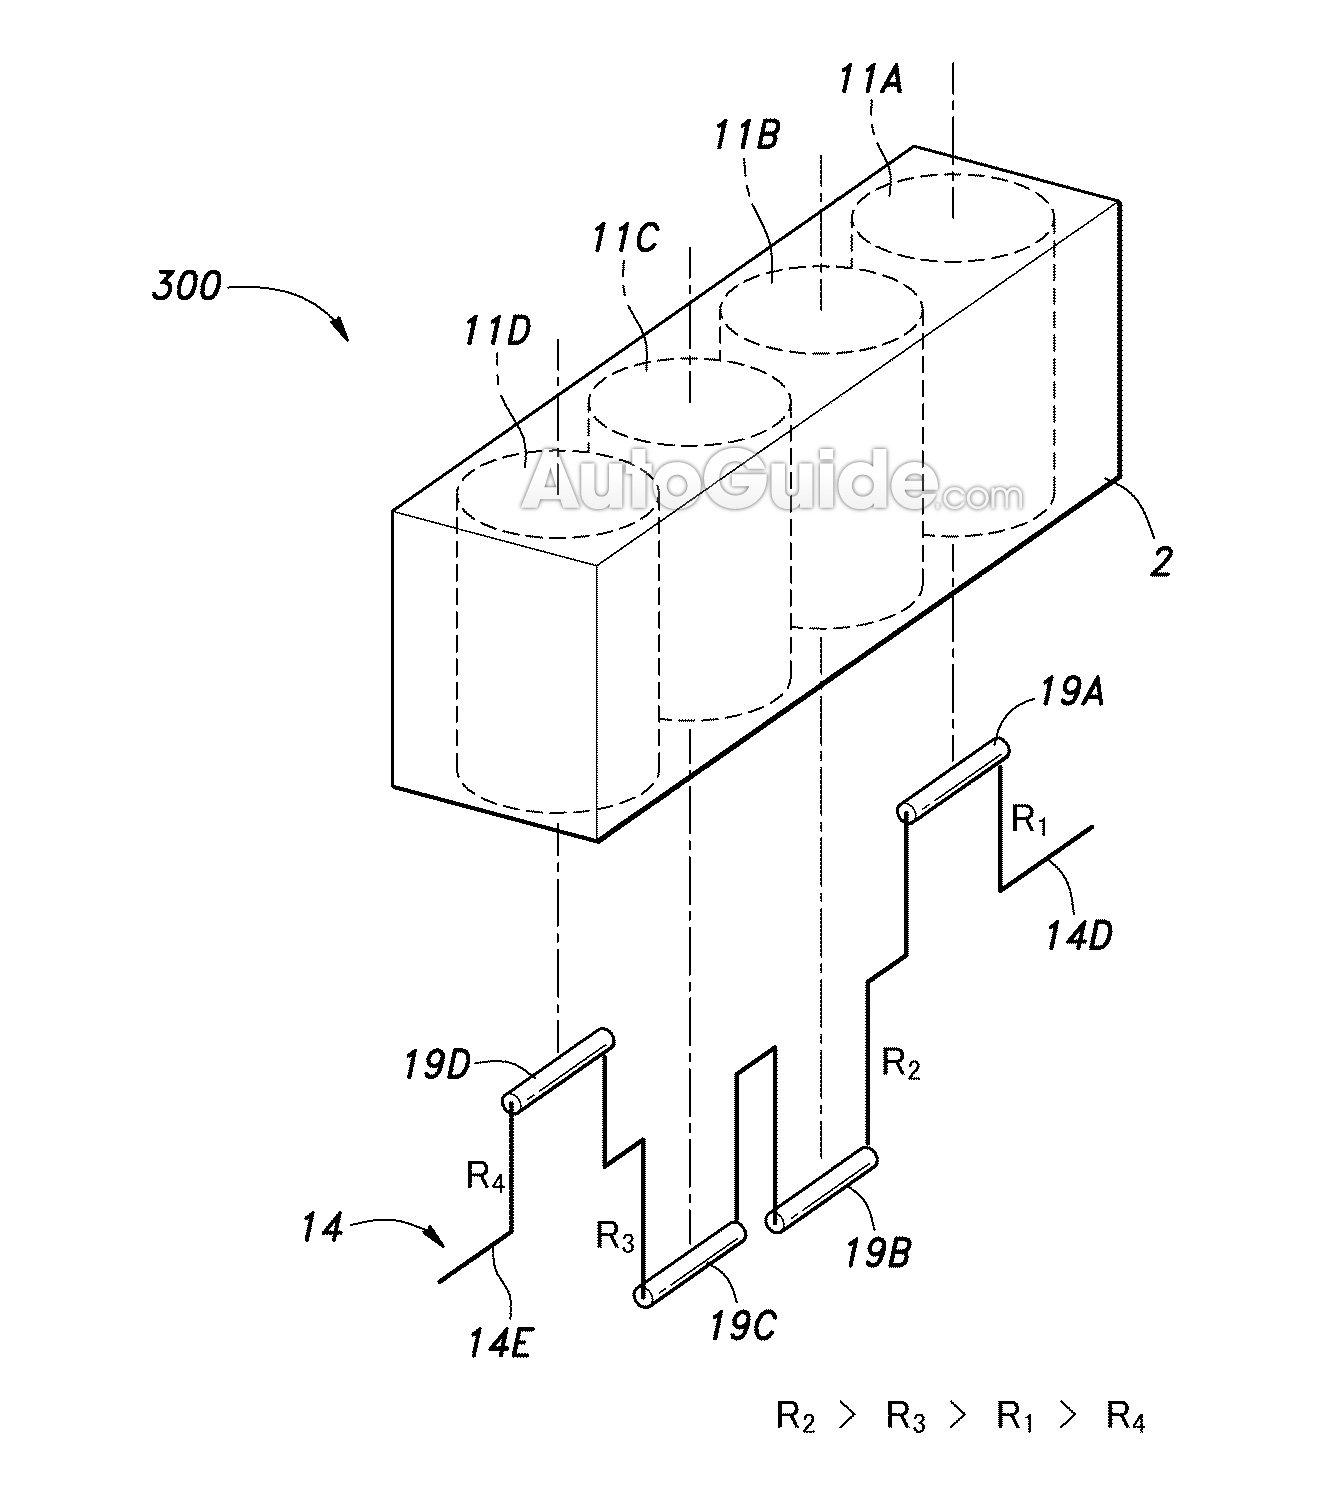 Honda patenta un motor con diferentes cilindradas 2